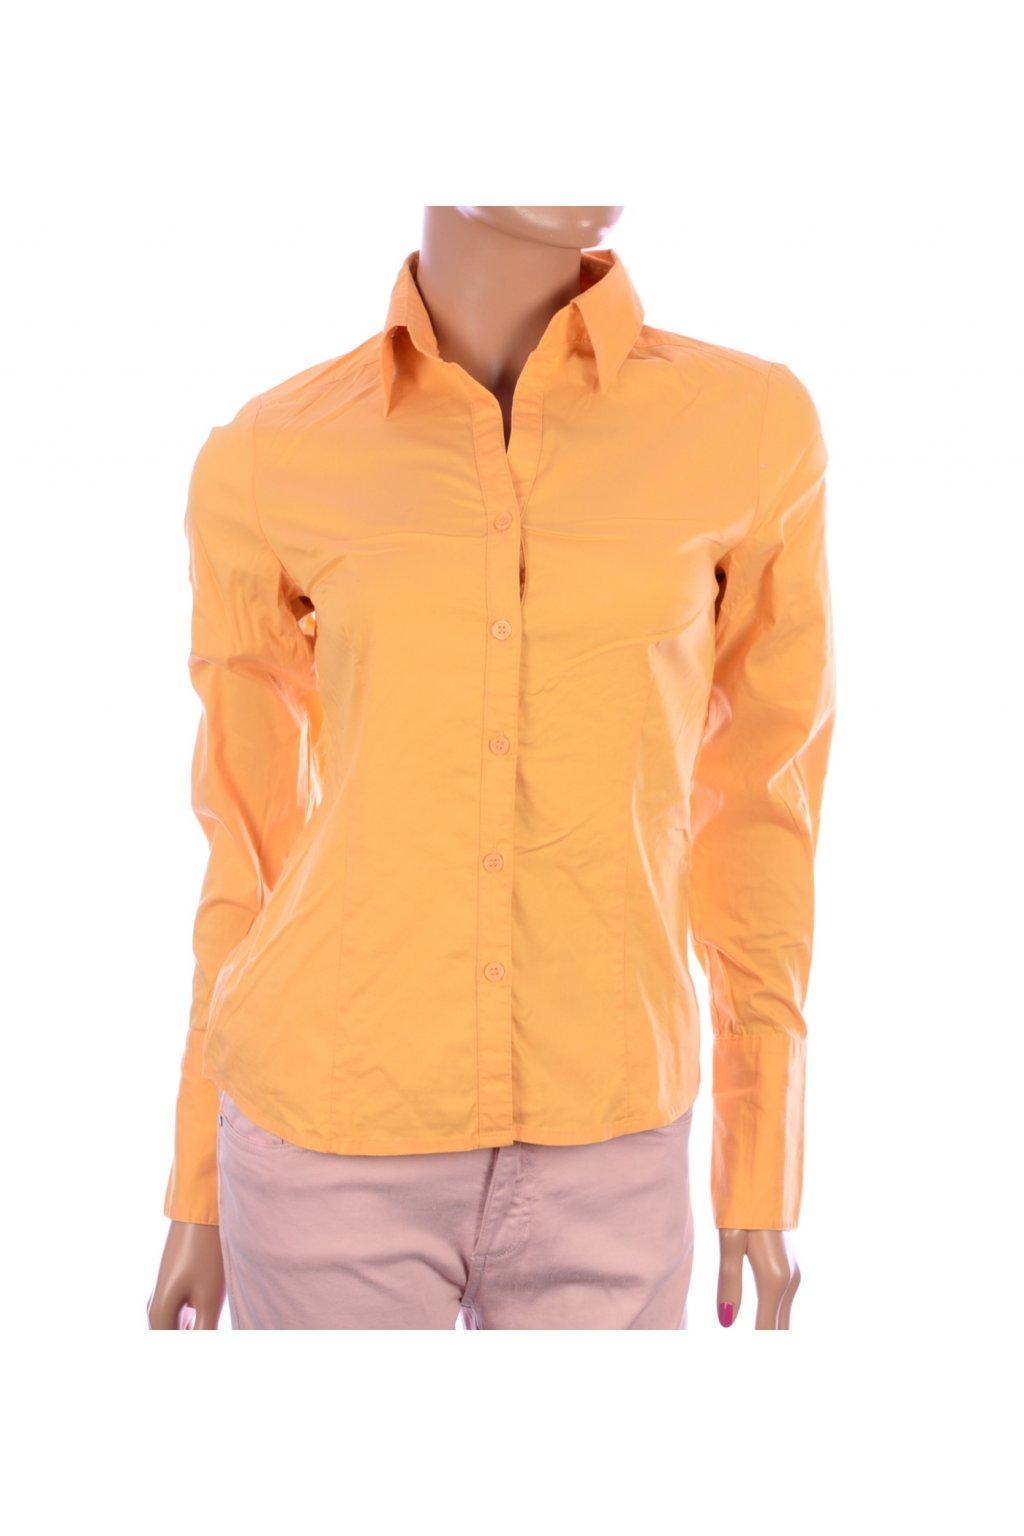 Košile H&M oranžová vel. 34 / XS